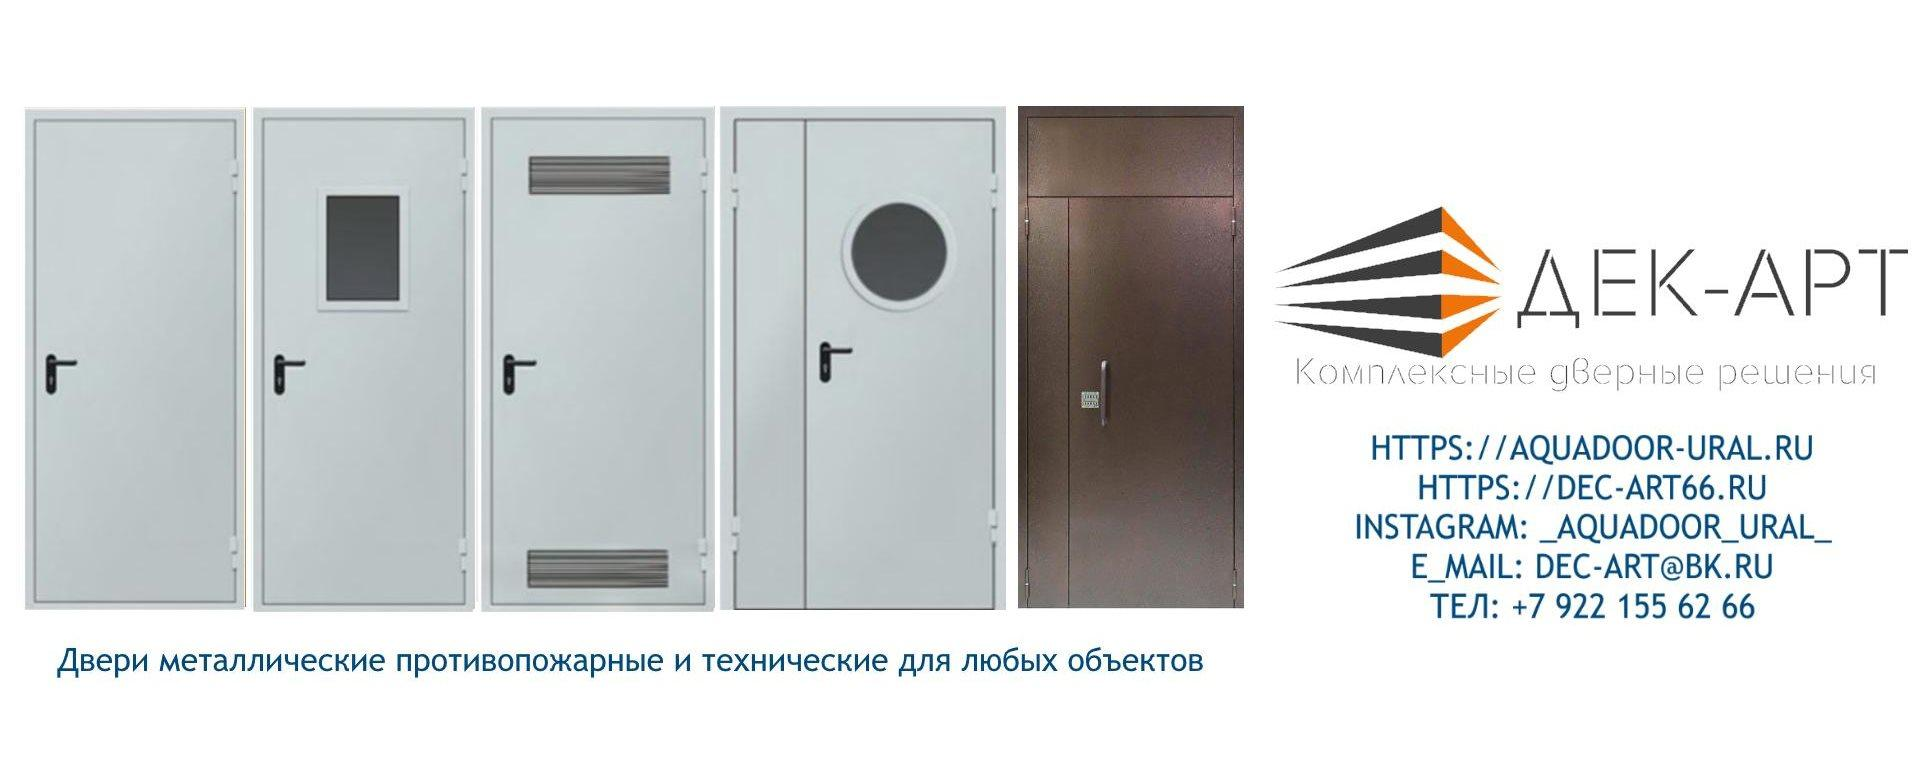 Двери металлические противопожарные и технические